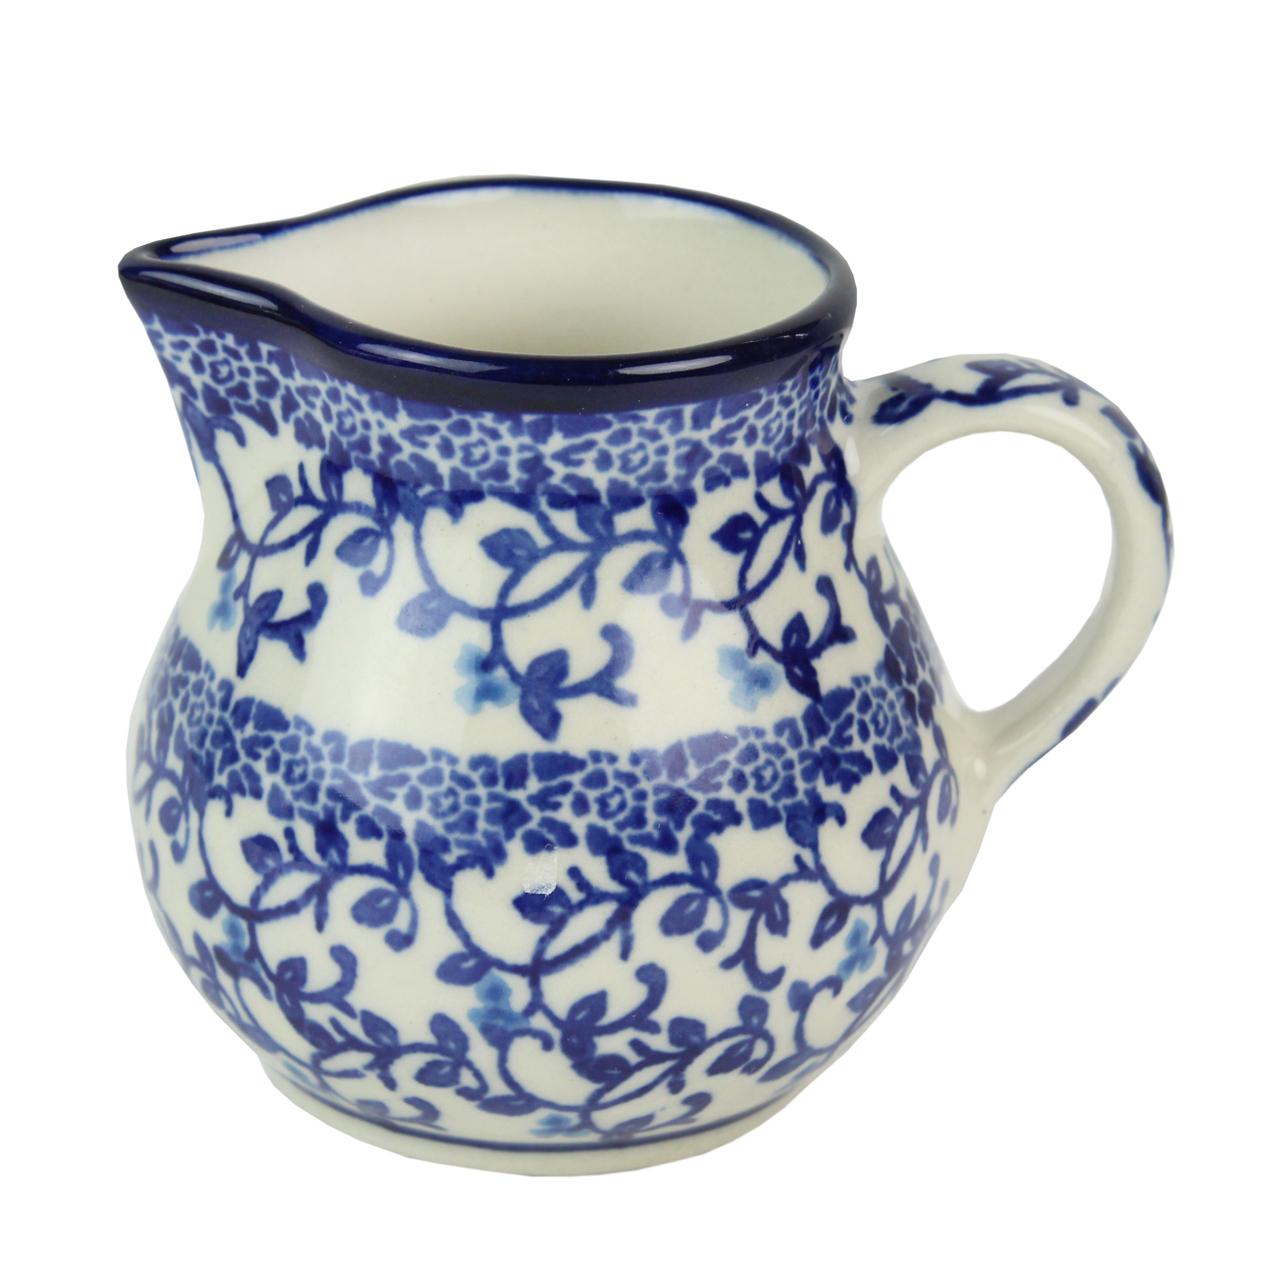 Sosiera Din Ceramica Crem Cu Crengute Albastre 8 Cm